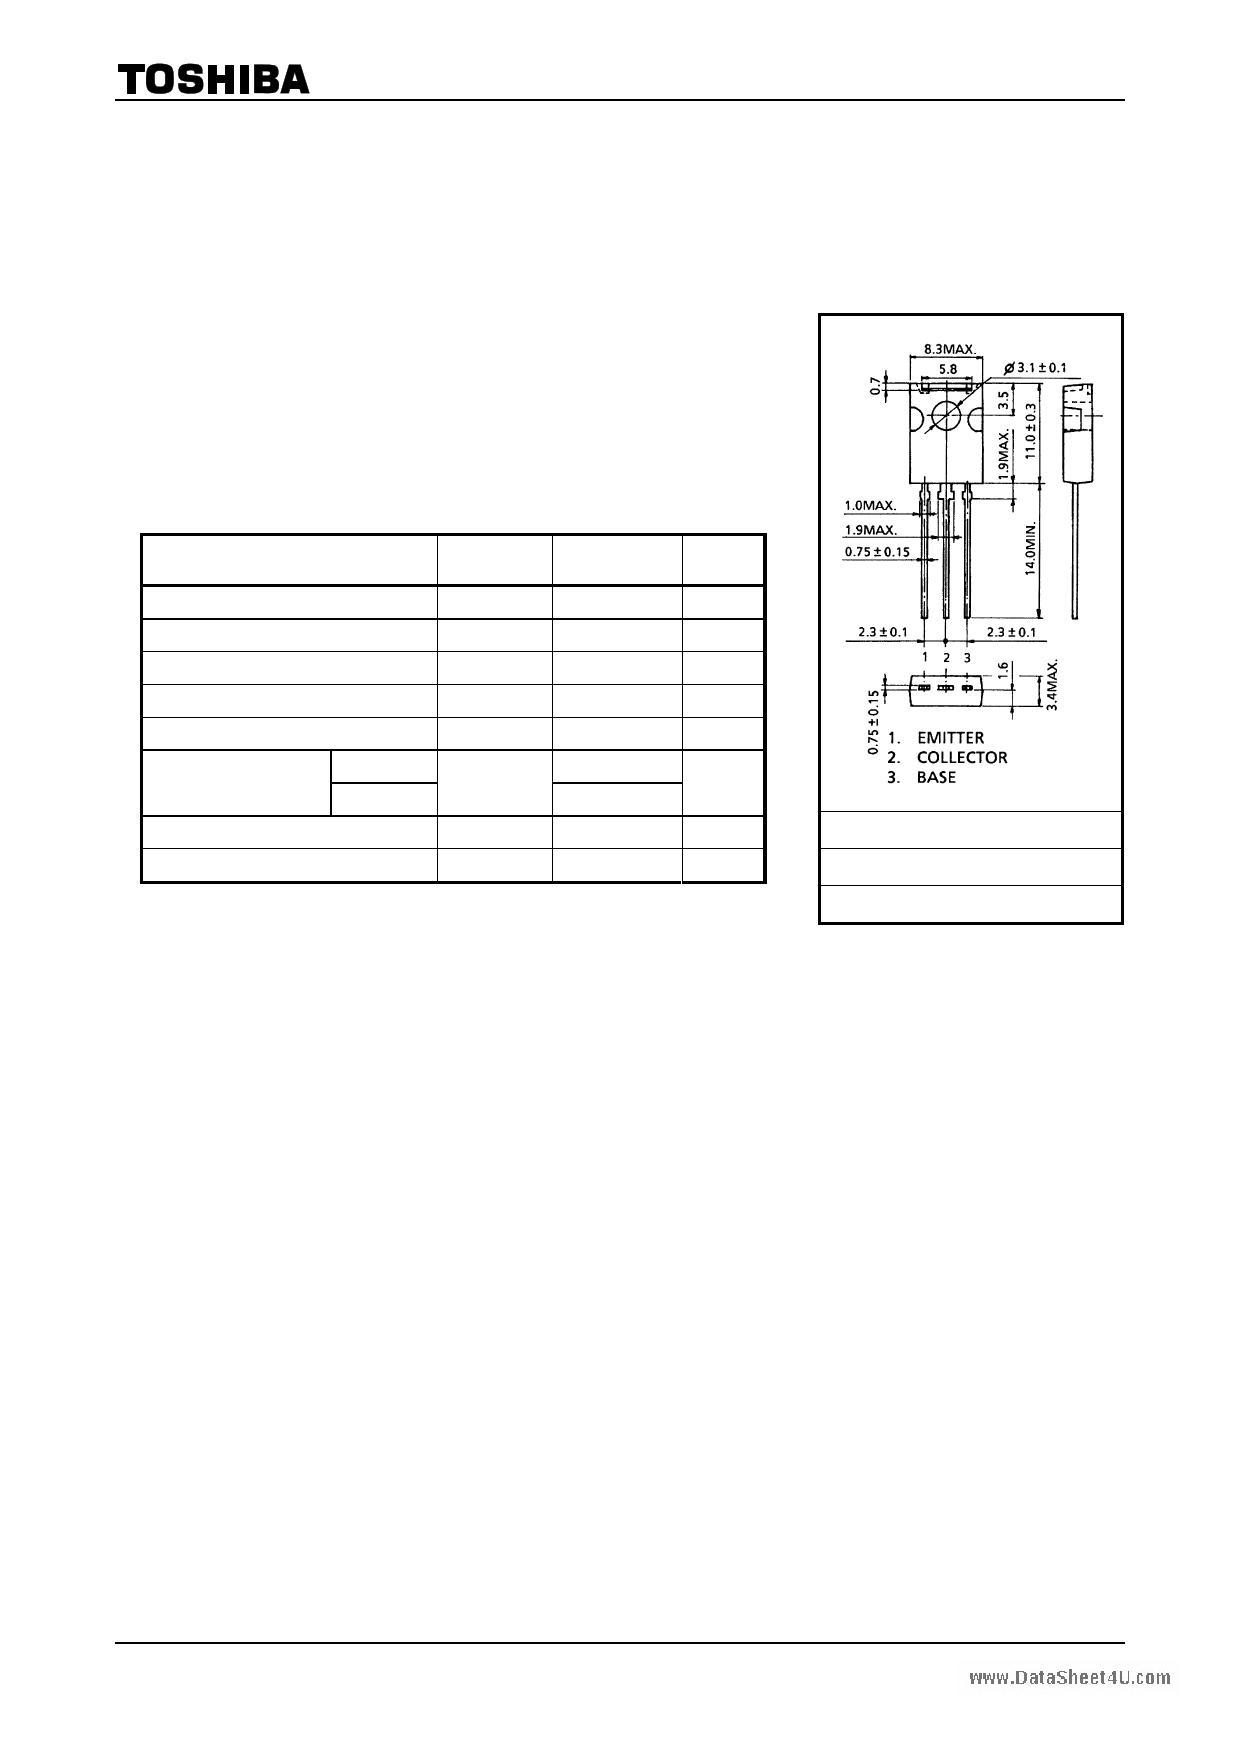 C3421 datasheet image